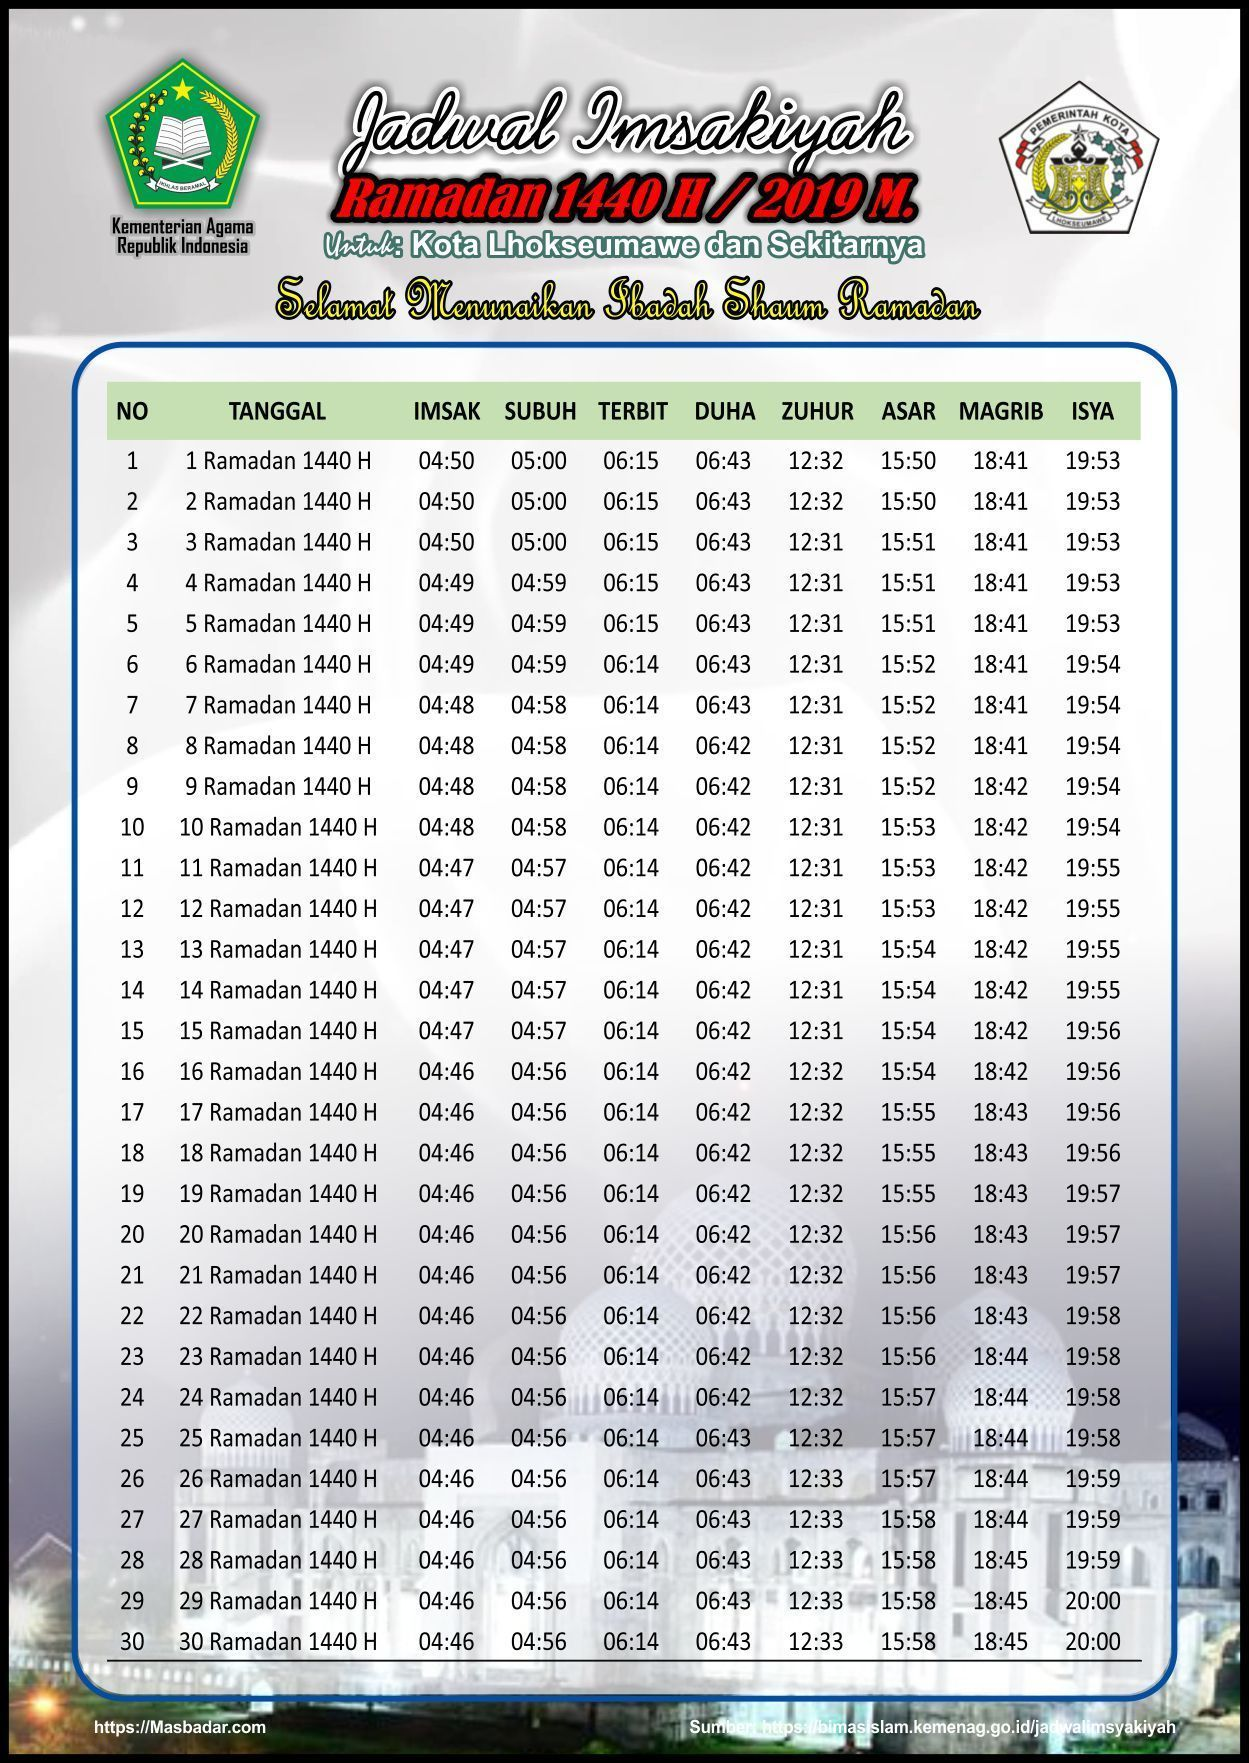 Jadwal Imsakiyah Ramadhan 1439 H 2018 M